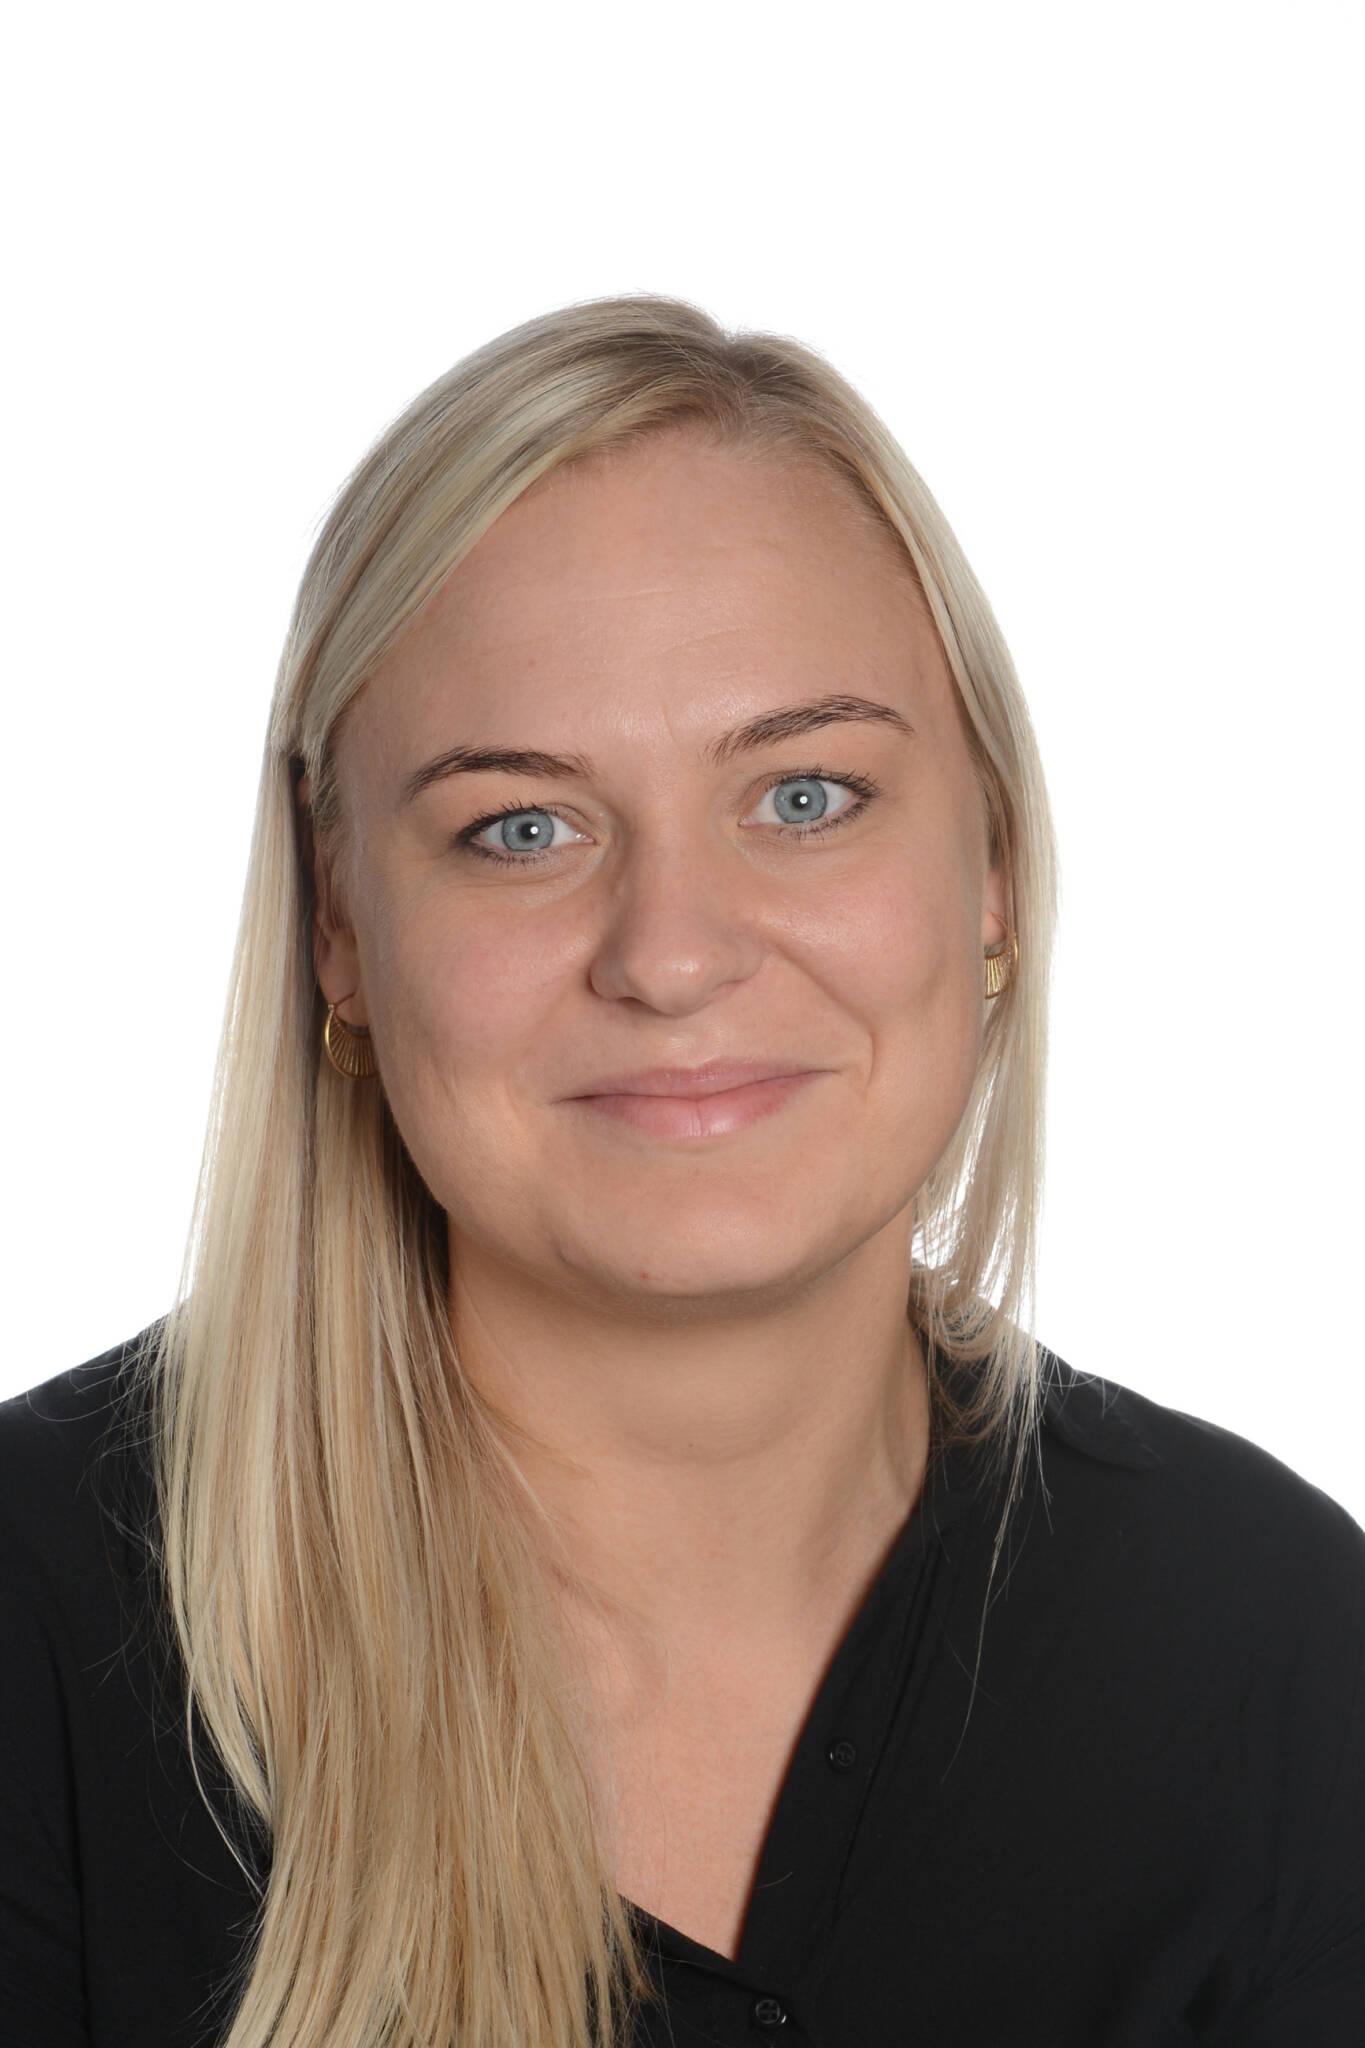 Birgitta Fjordbak, BF